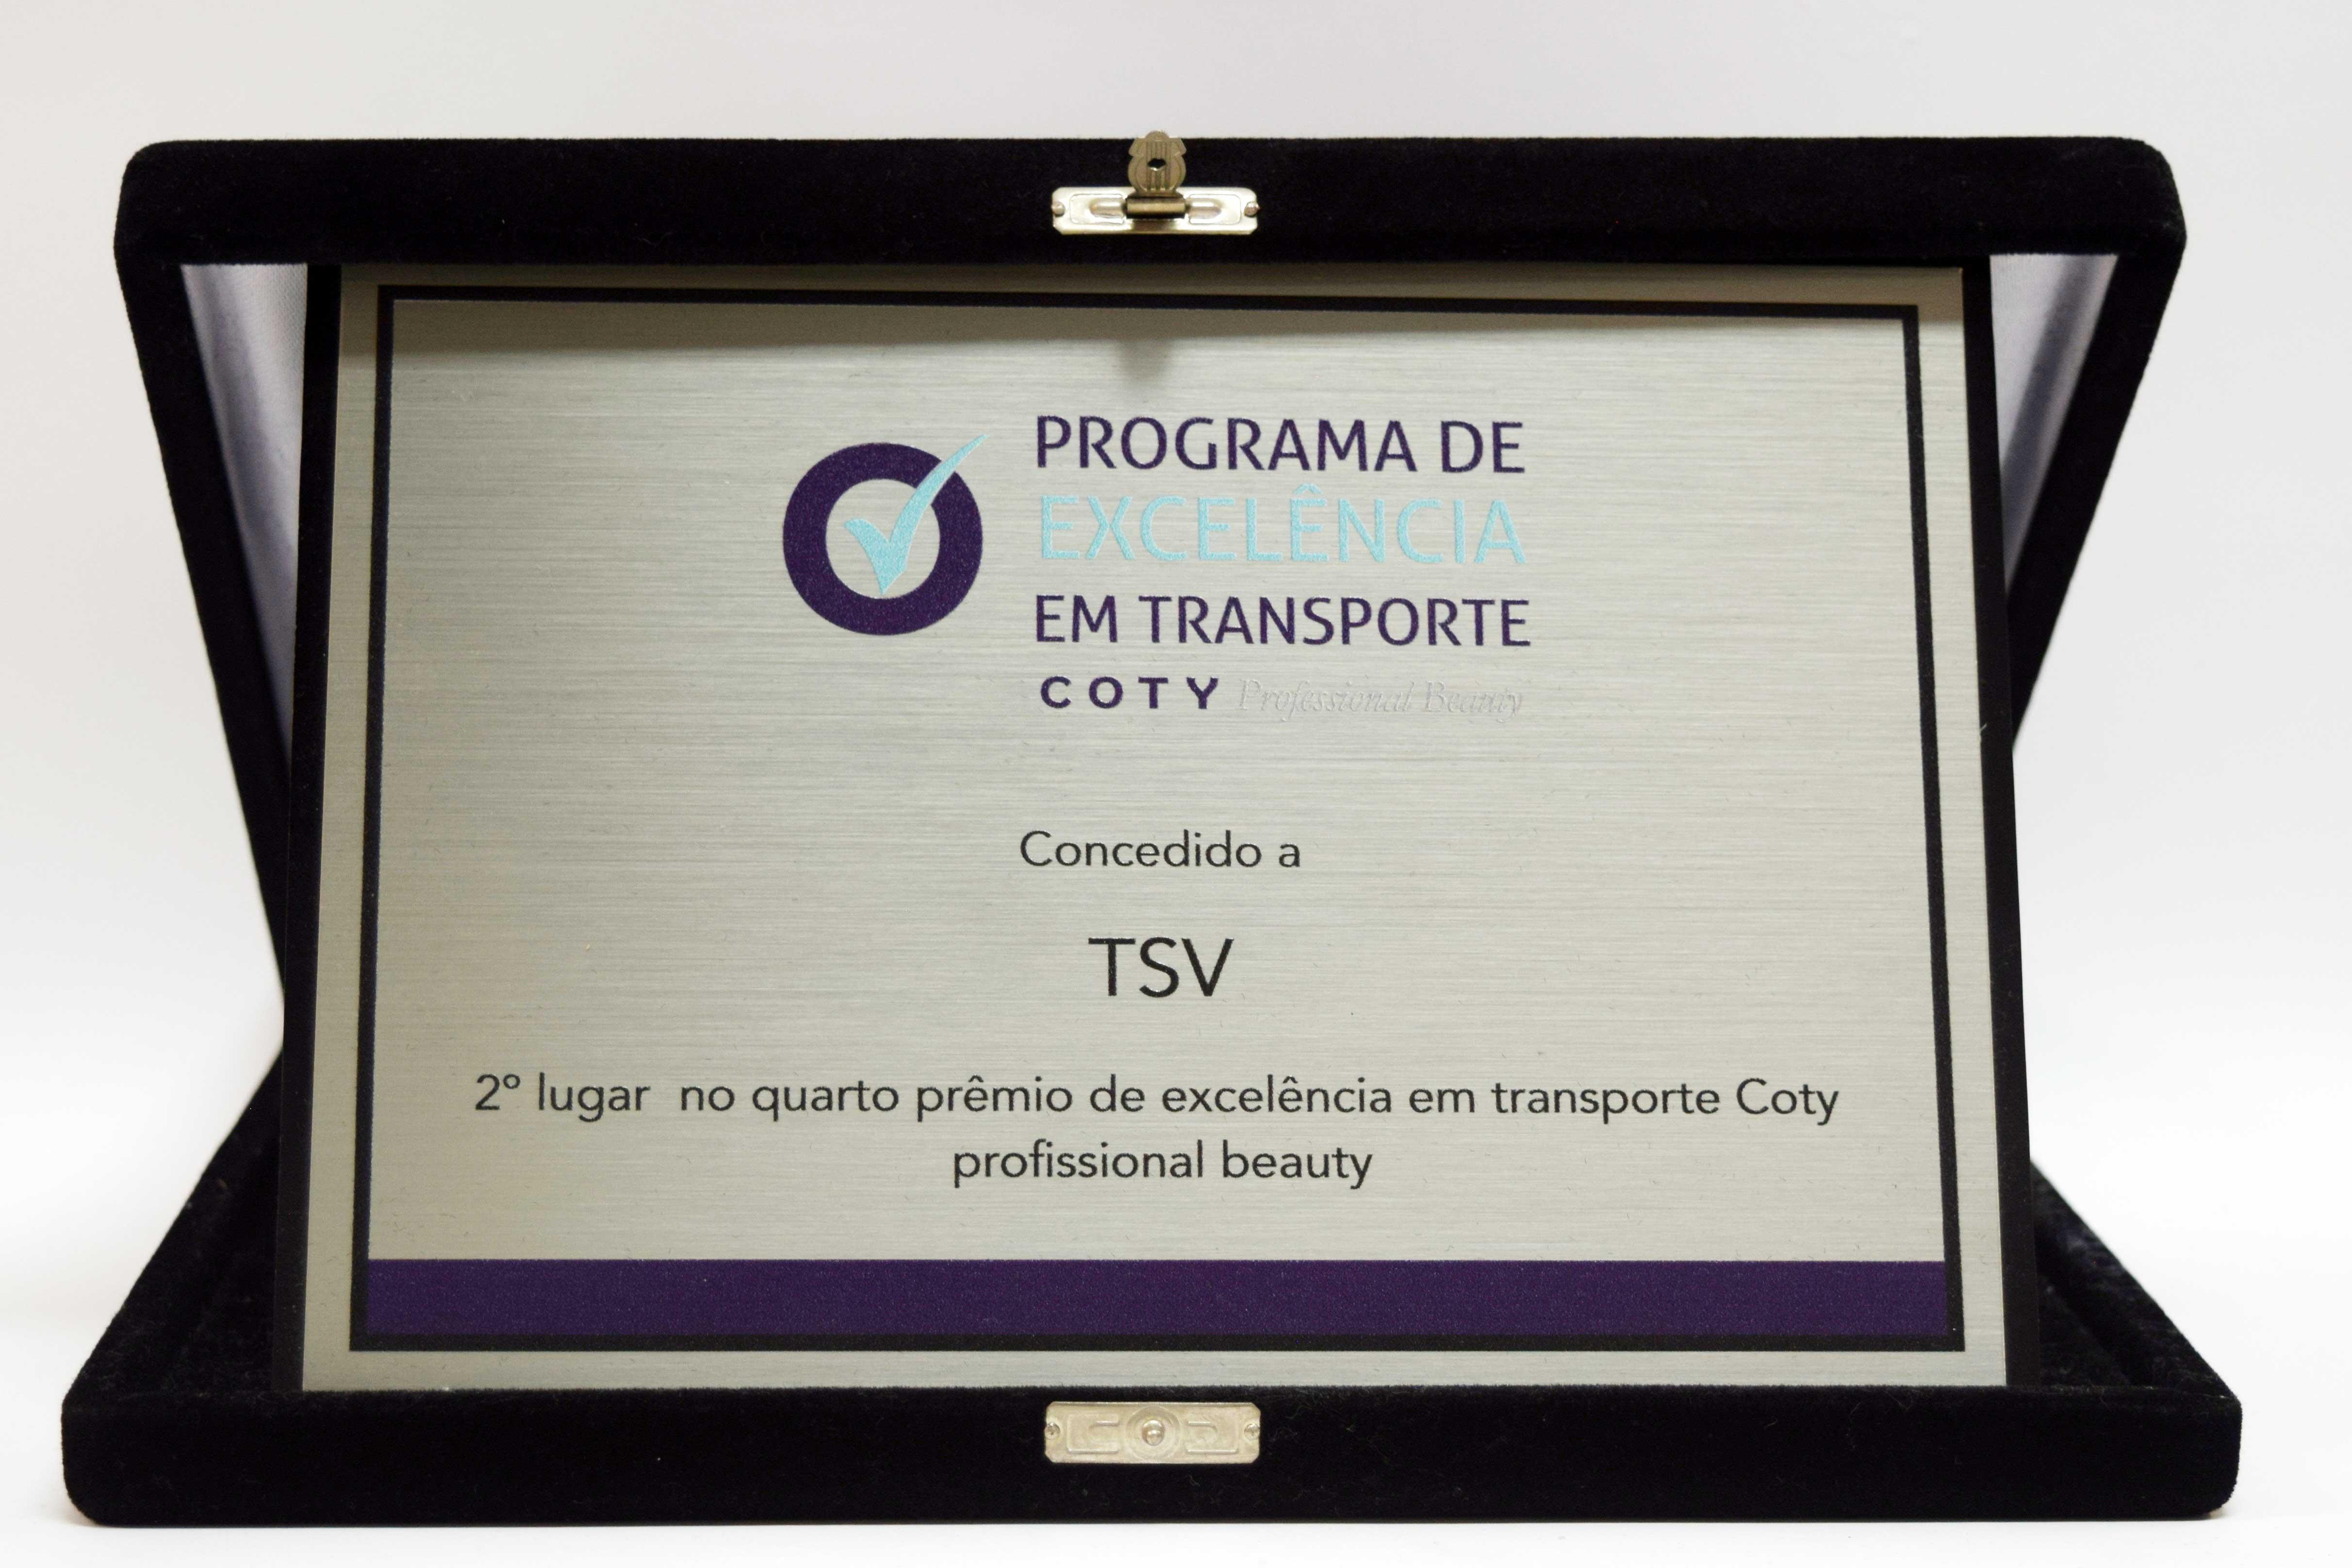 http://www.tsvtransportes.com.br/wp-content/uploads/2018/09/DSC_0213.jpg